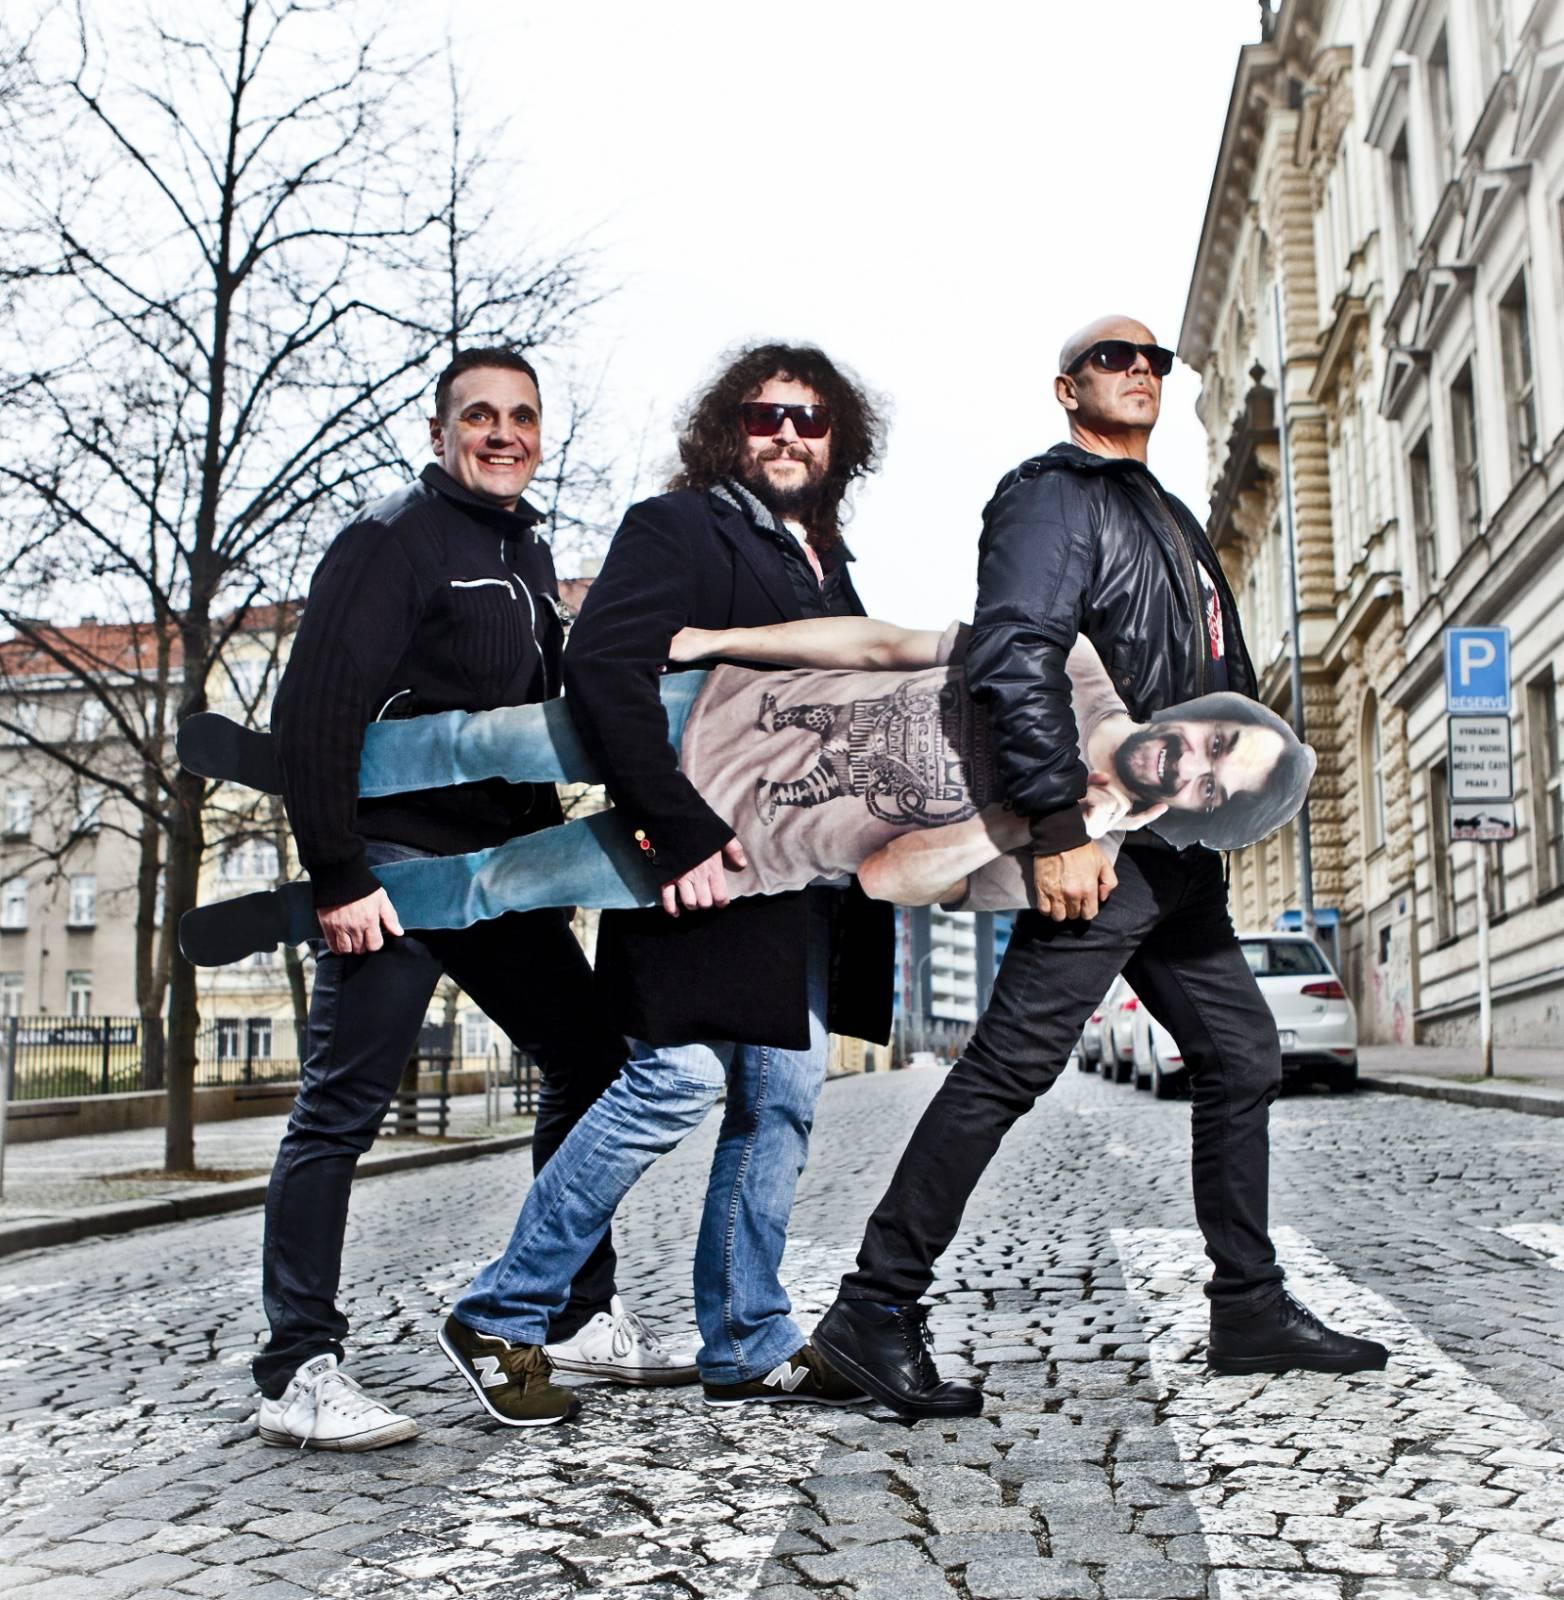 J.A.R. budou eskalovat dobro i z gramofonů. Jejich poslední deska právě vychází na vinylu